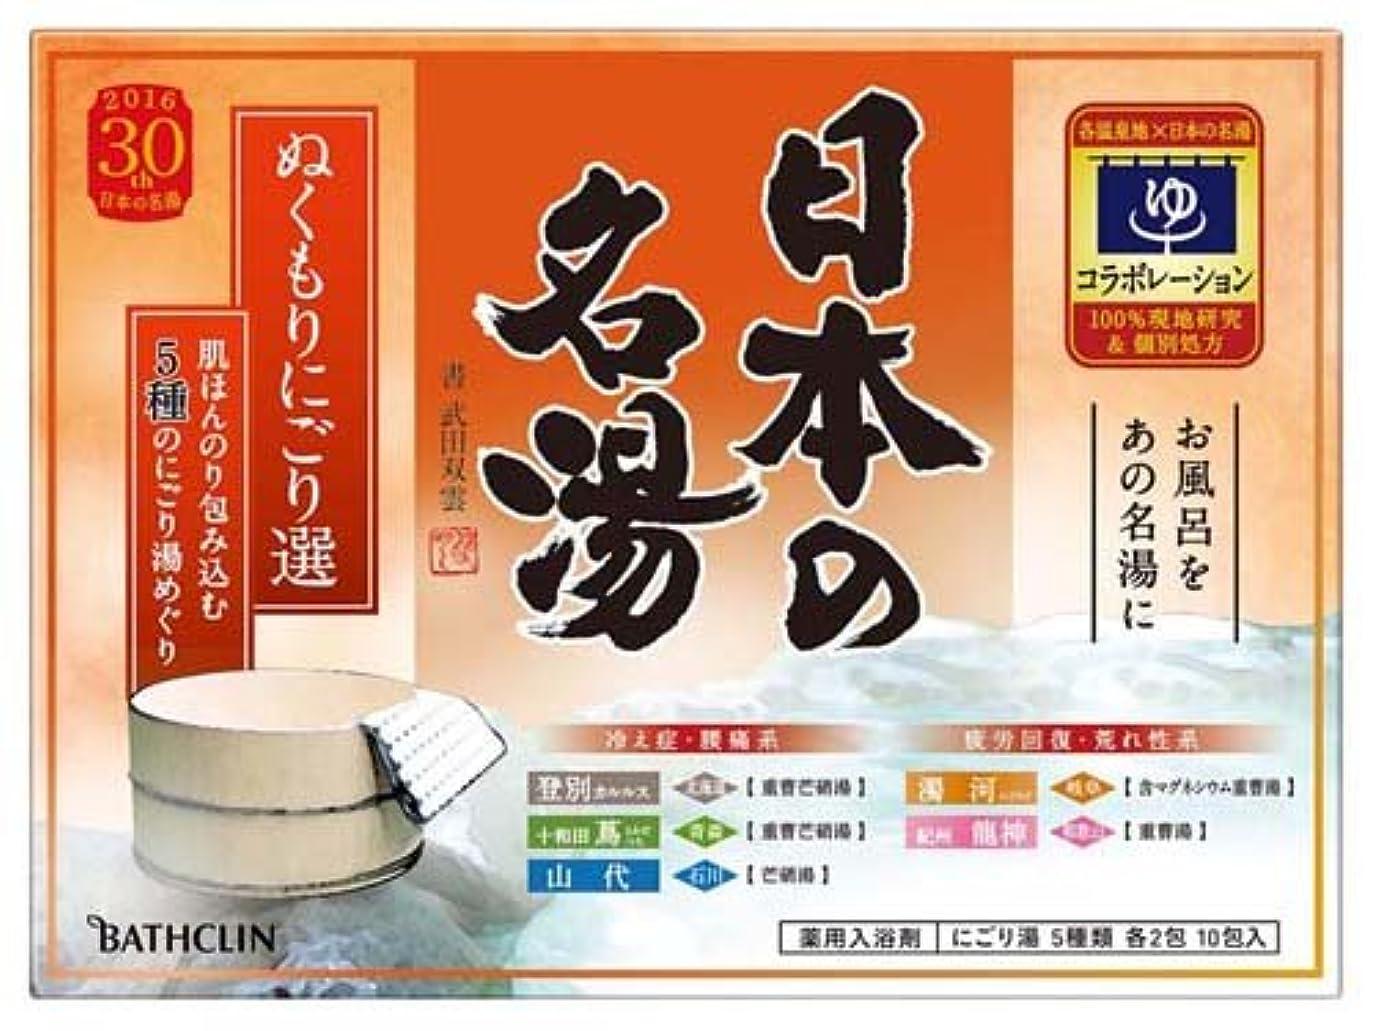 分割同盟抑圧するバスクリン 日本の名湯 ぬくもりにごり選 10包 (5種類:登別カルルス、十和田蔦、山代、濁河、紀州龍神)×15点セット (4548514137301)